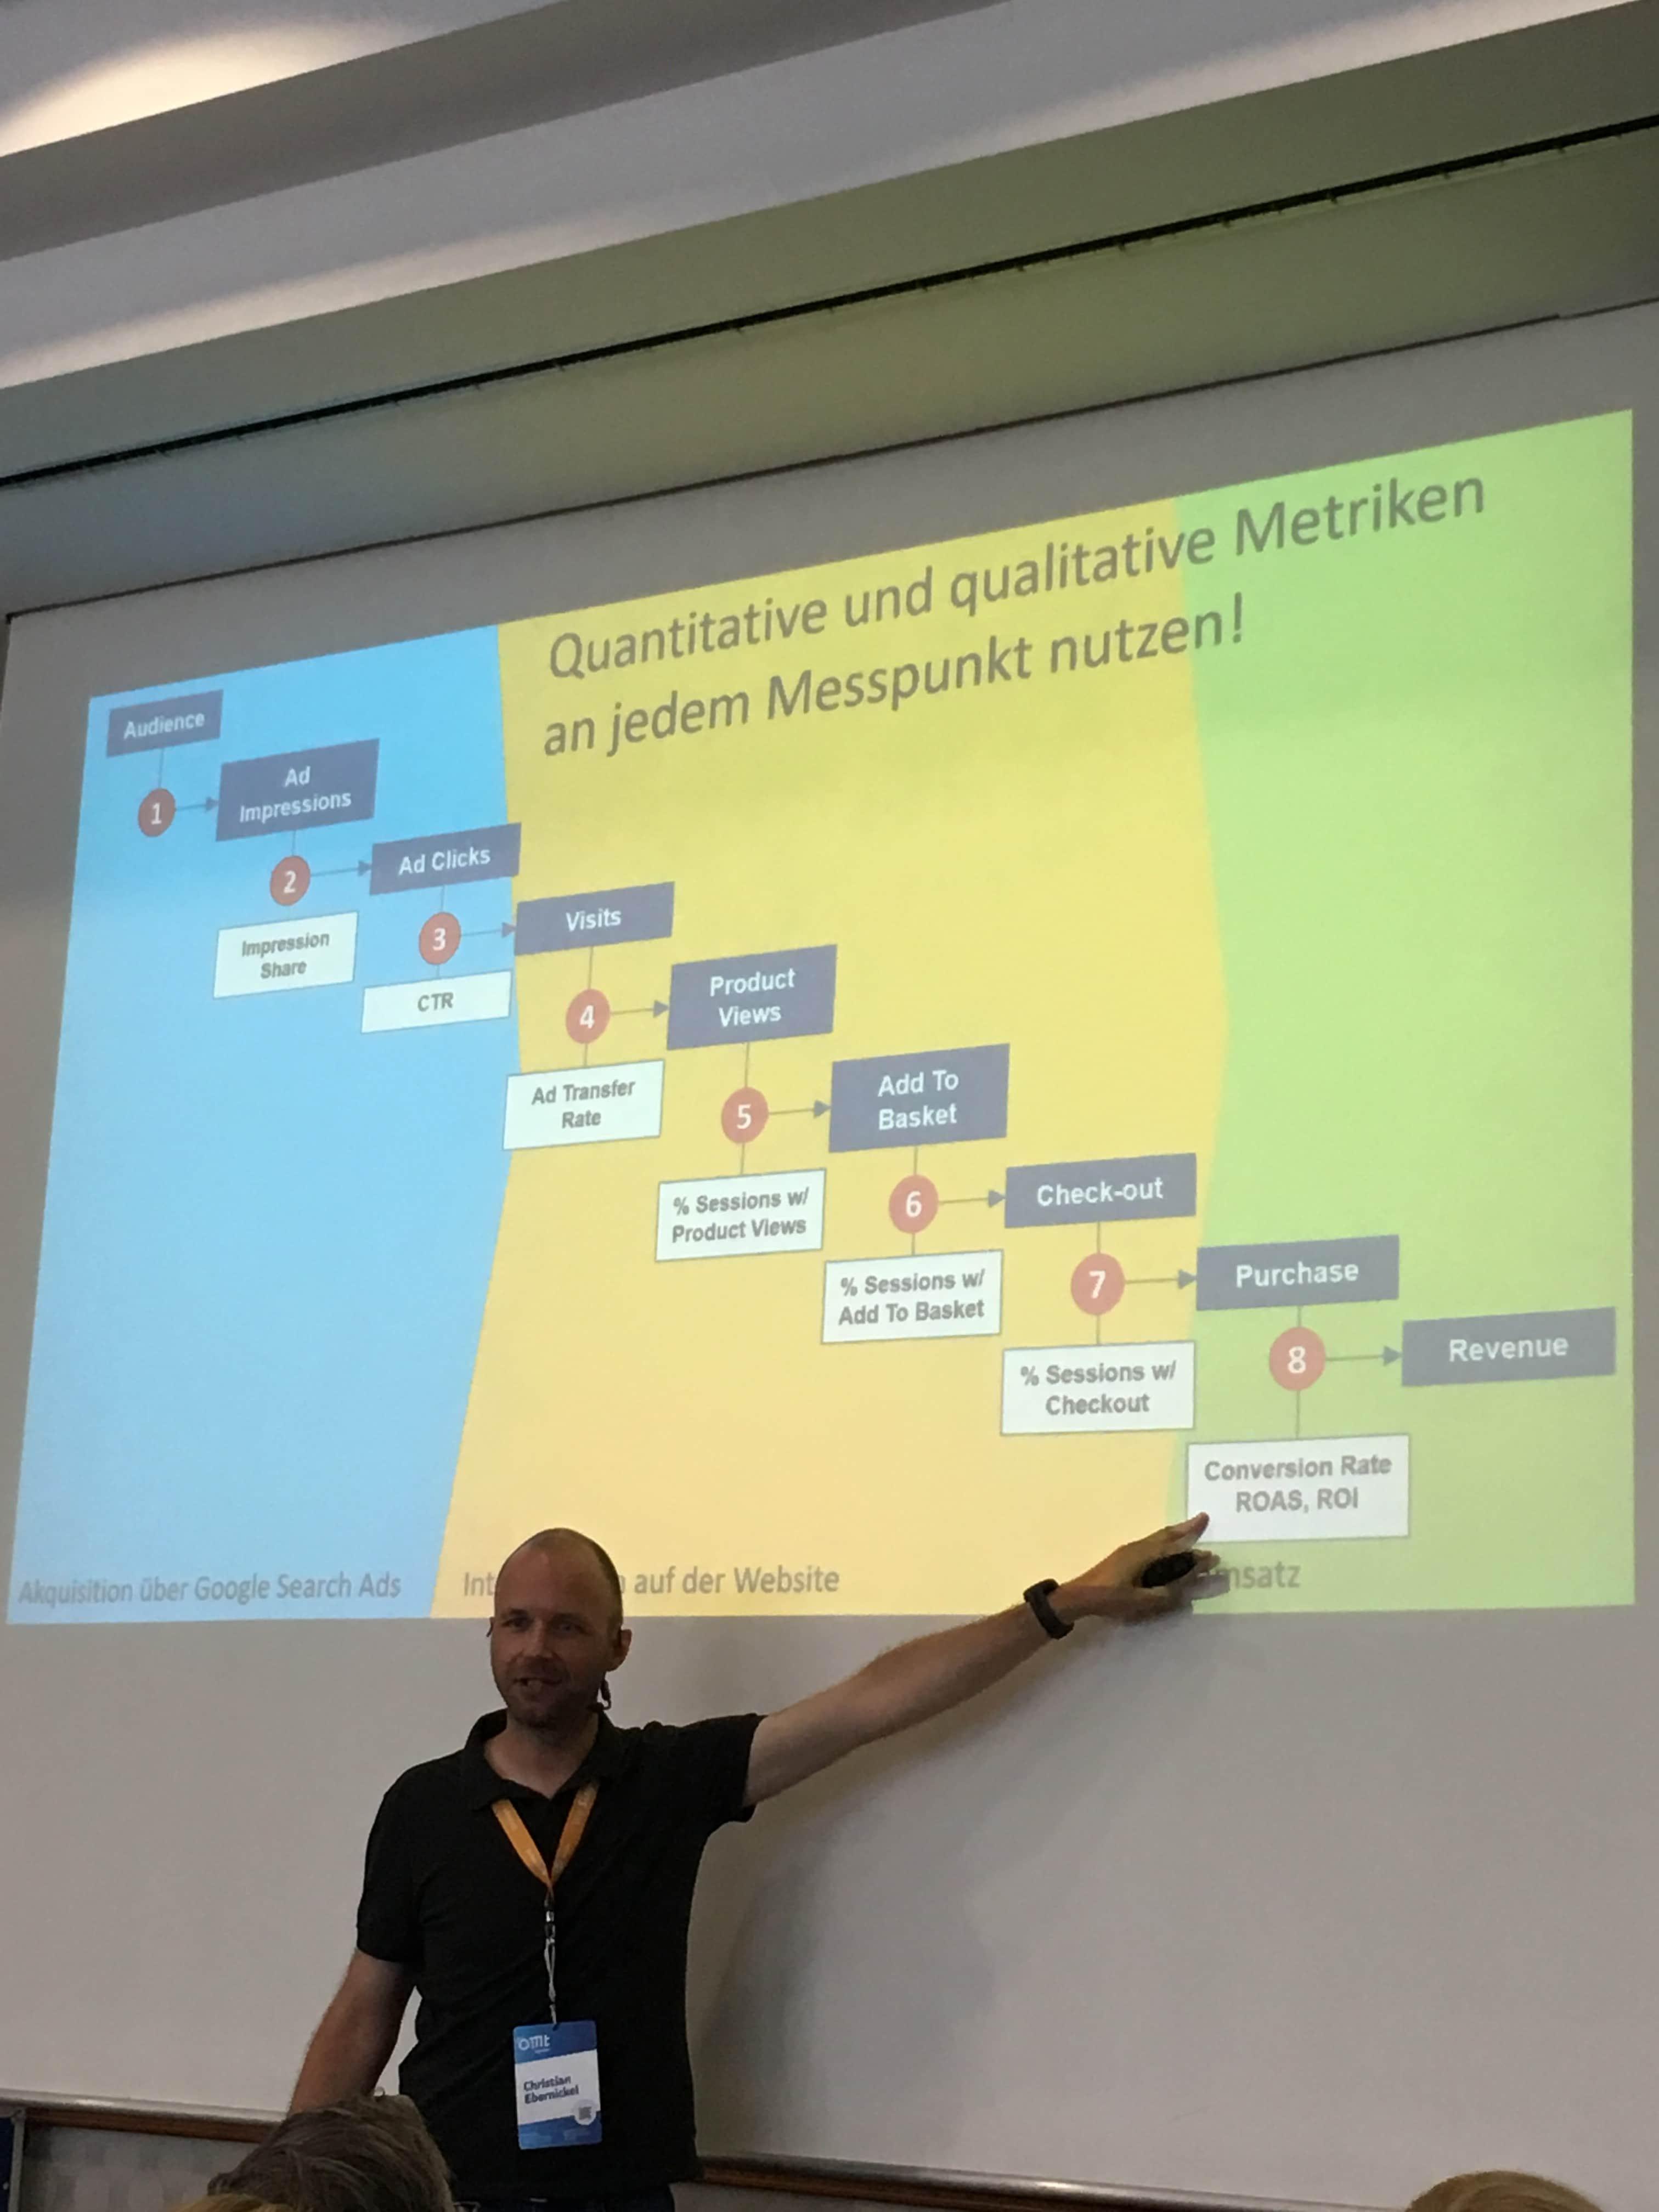 Christian Ebernickel erklärt welche quantitative und qualitativen Metriken wann gemessen werden können.